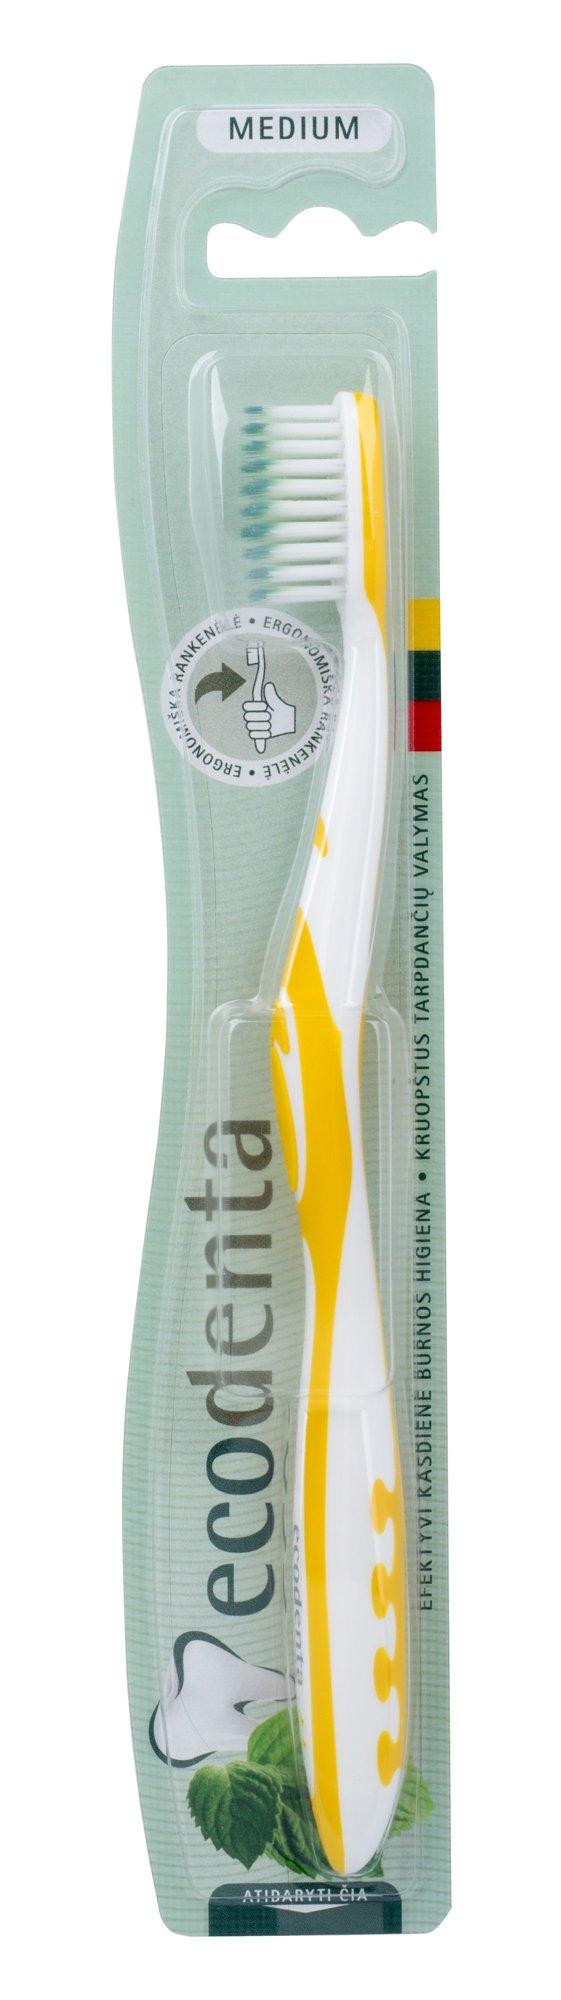 Ecodenta Toothbrush Cosmetic 1ml Yellow Medium